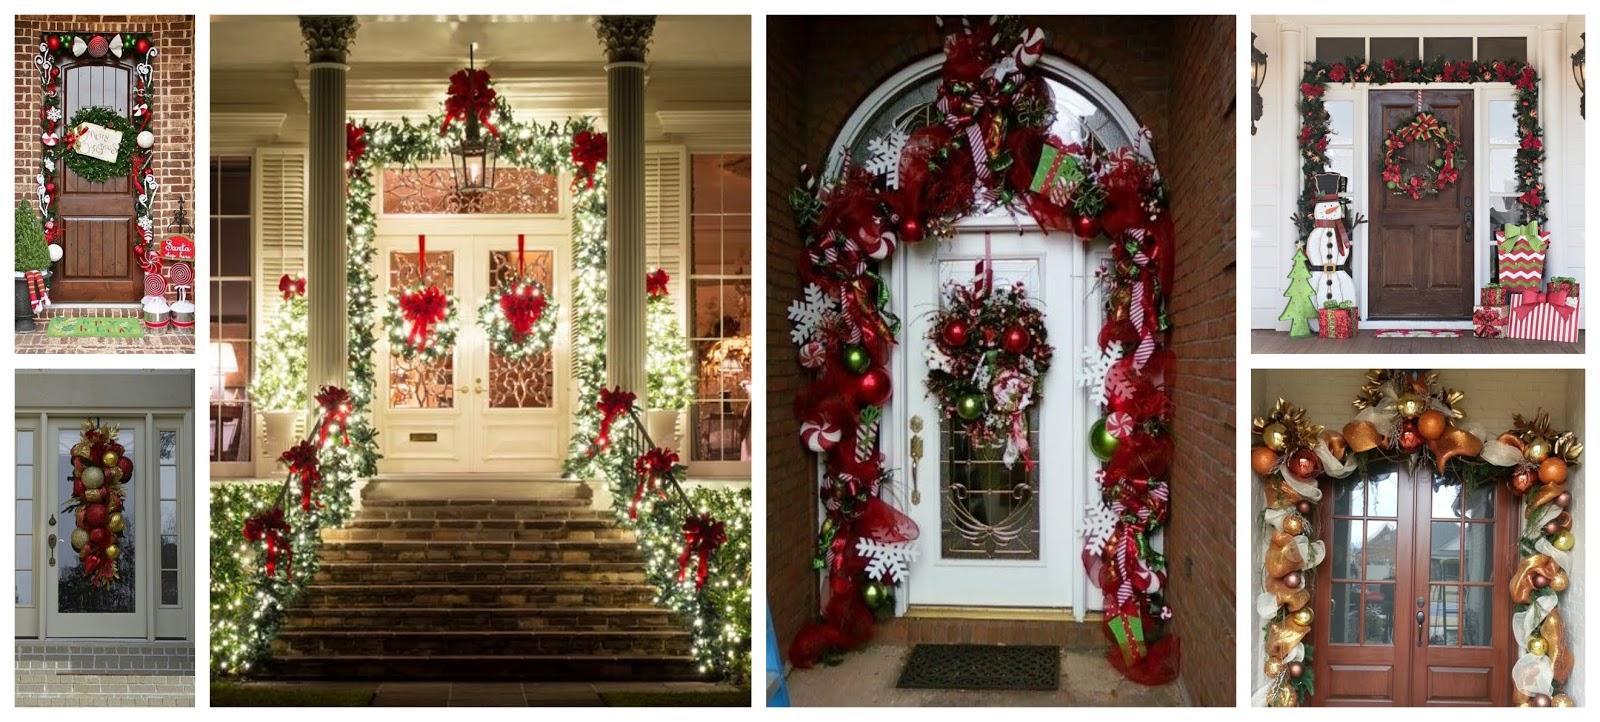 15 ideas espectaculares para decorar puertas en navidad for Decoracion puertas navidad